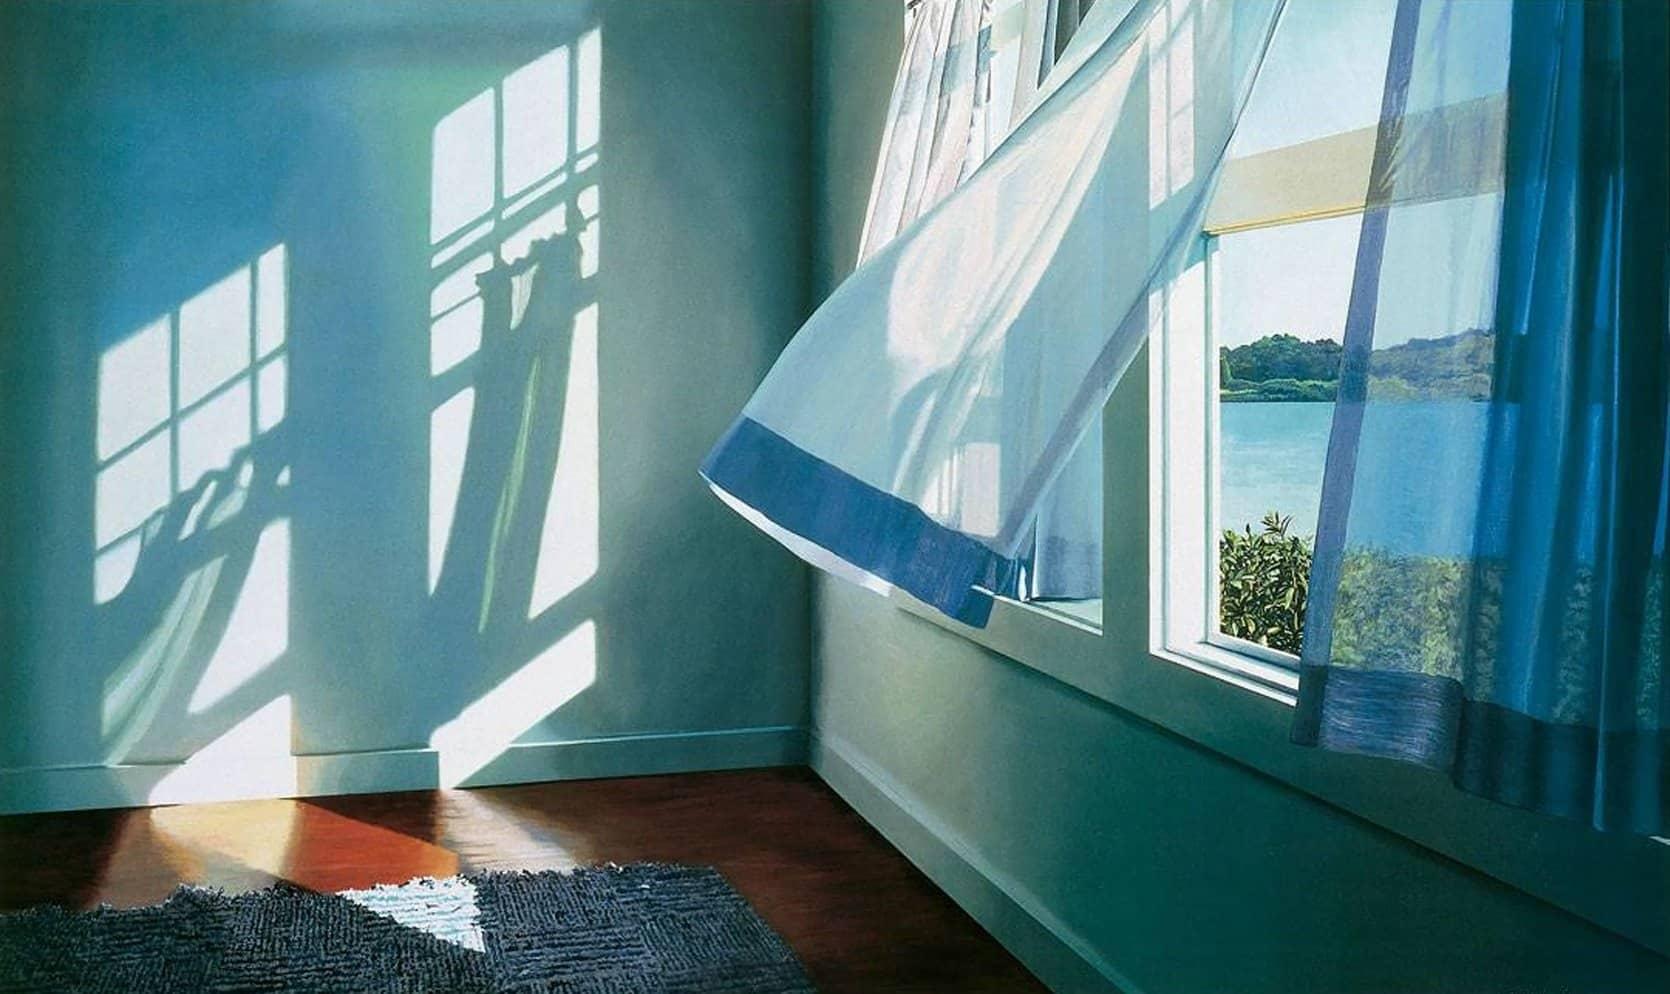 Проветривание | Как избавиться от запаха краски в квартире